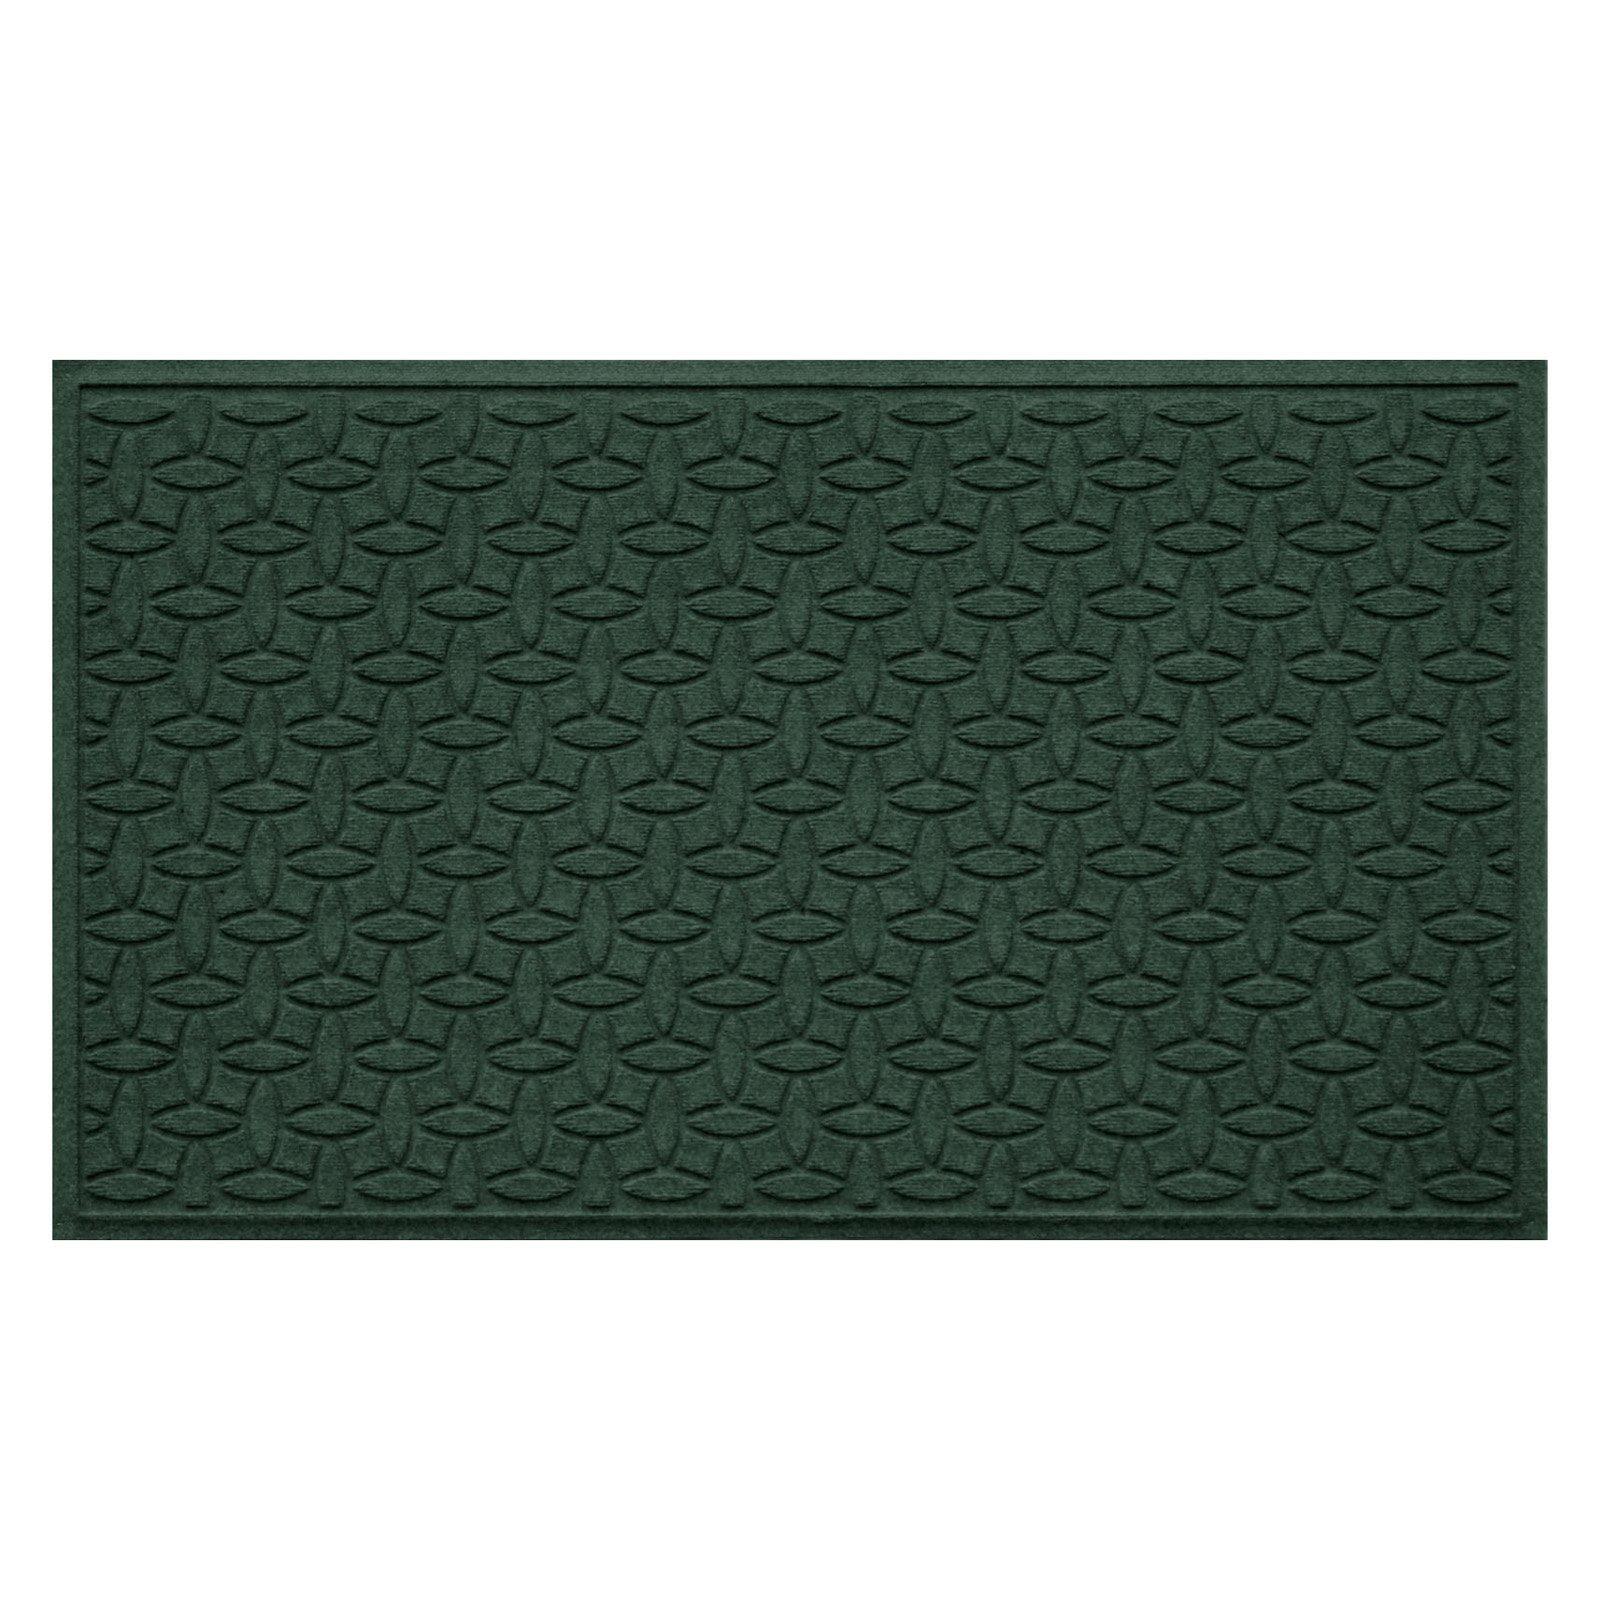 Bungalow Flooring Water Guard Elipse Indoor   Outdoor Doormat by